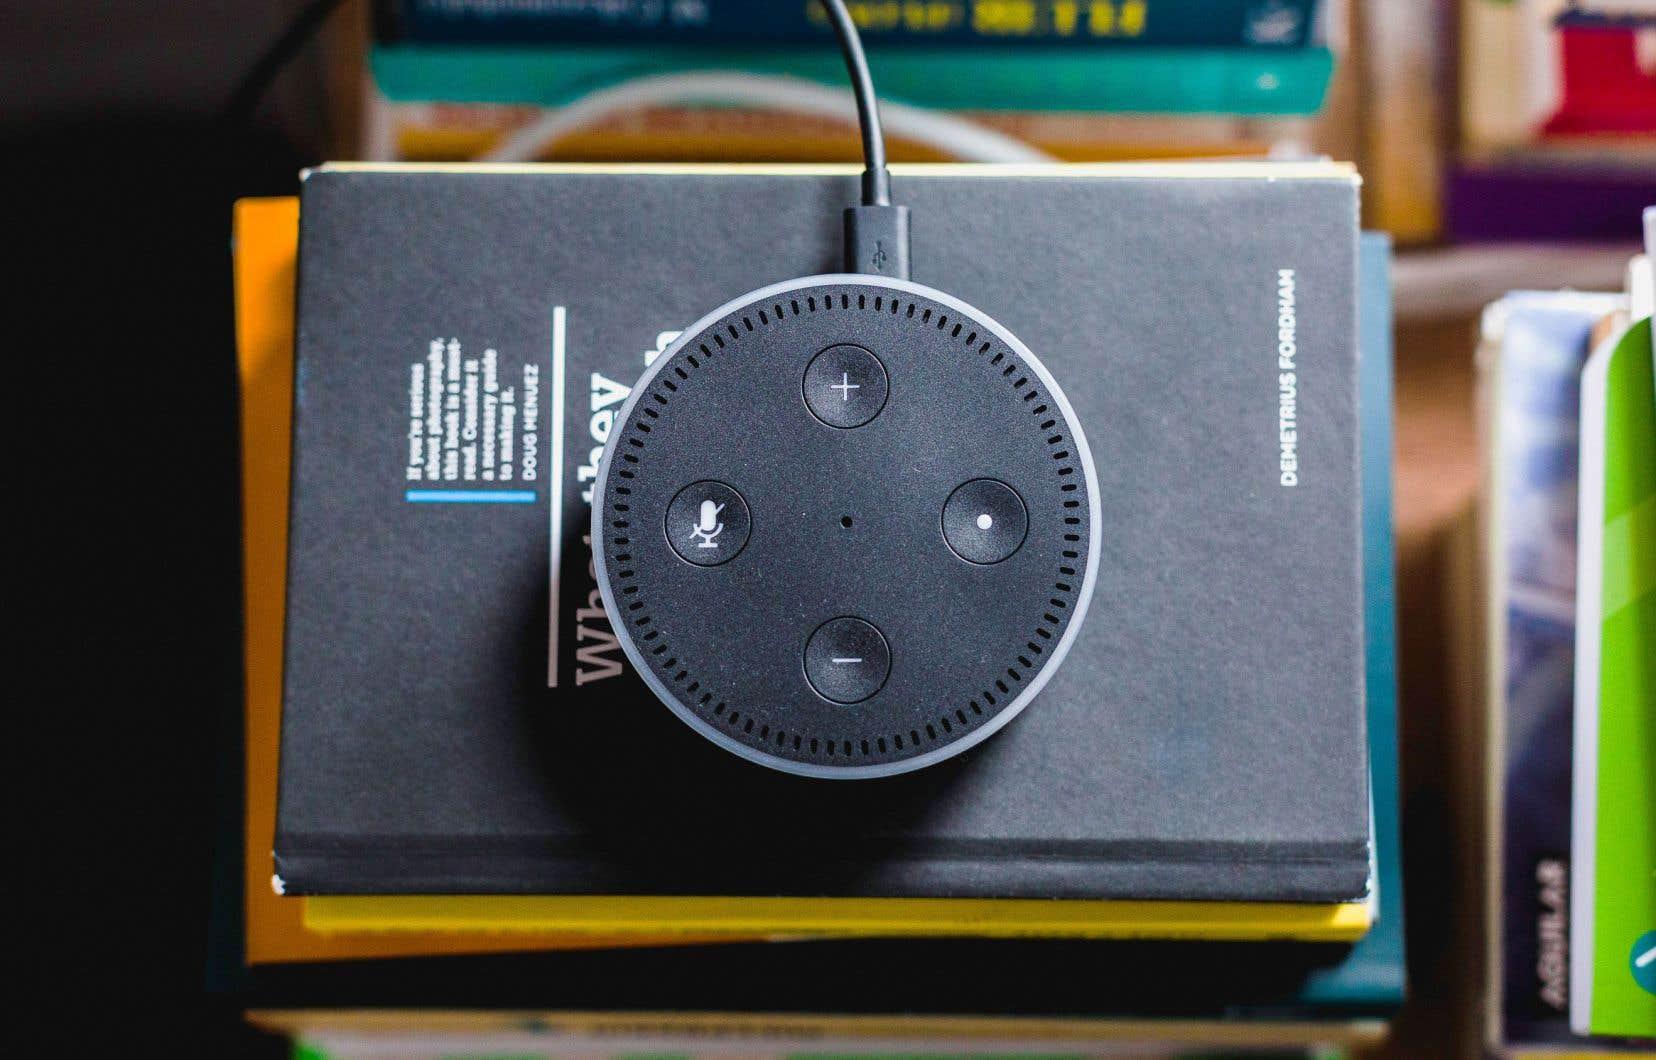 Amazon Echo comme Google Home envoient les requêtes des utilisateurs sur des serveurs distants, où elles sont non seulement traitées — pour donner lieu à une réponse ou à une commande —, mais aussi conservées.